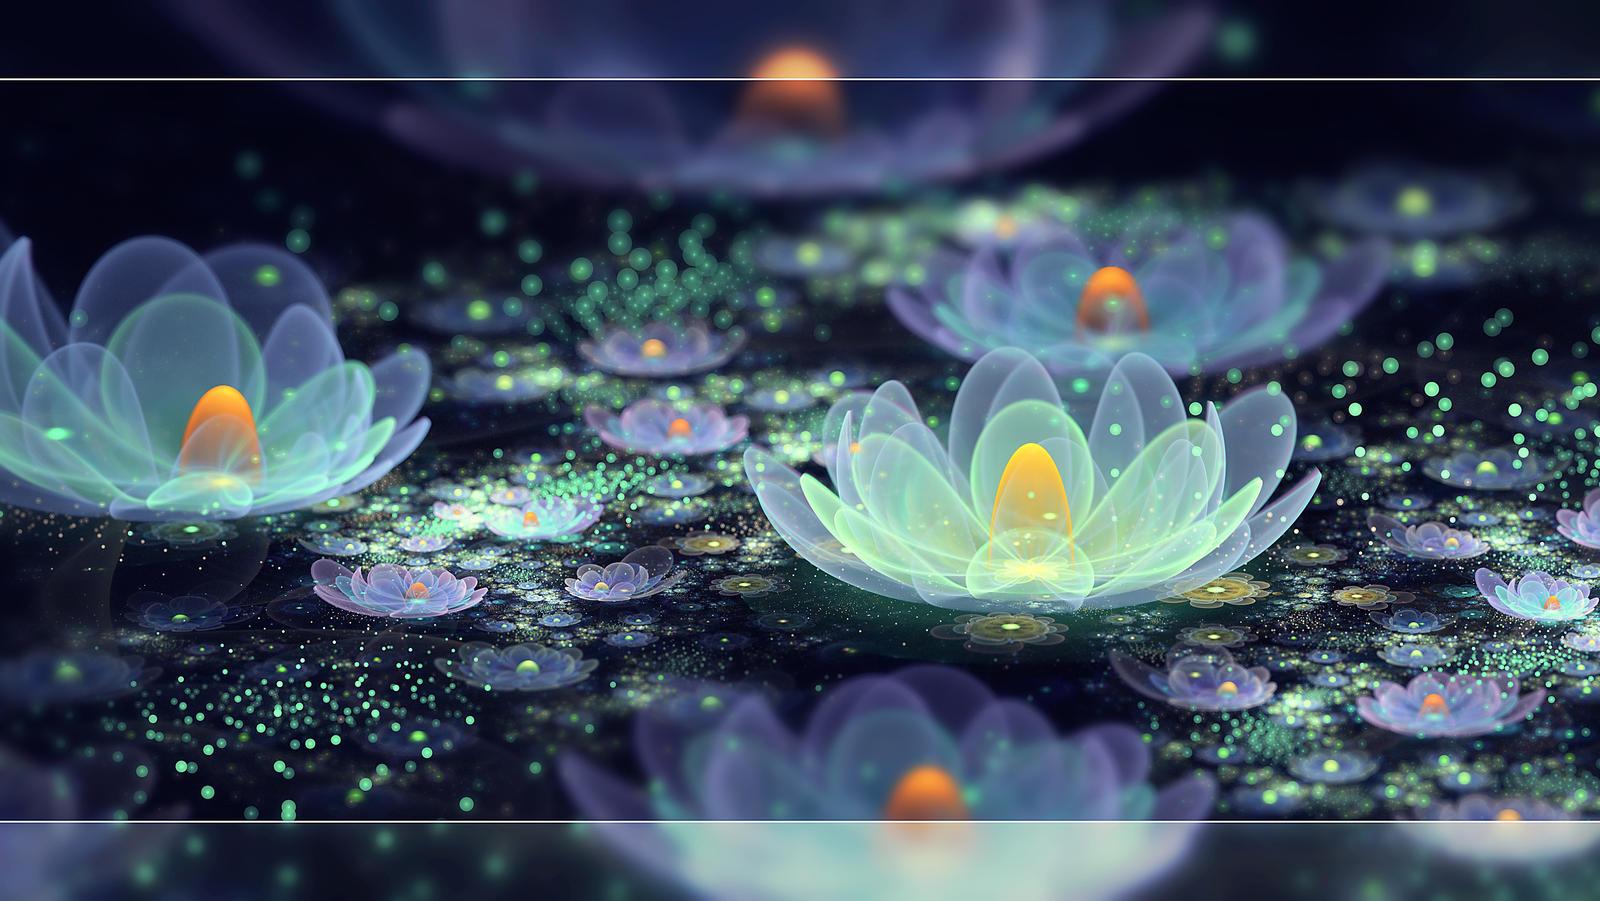 Lotus pond dew